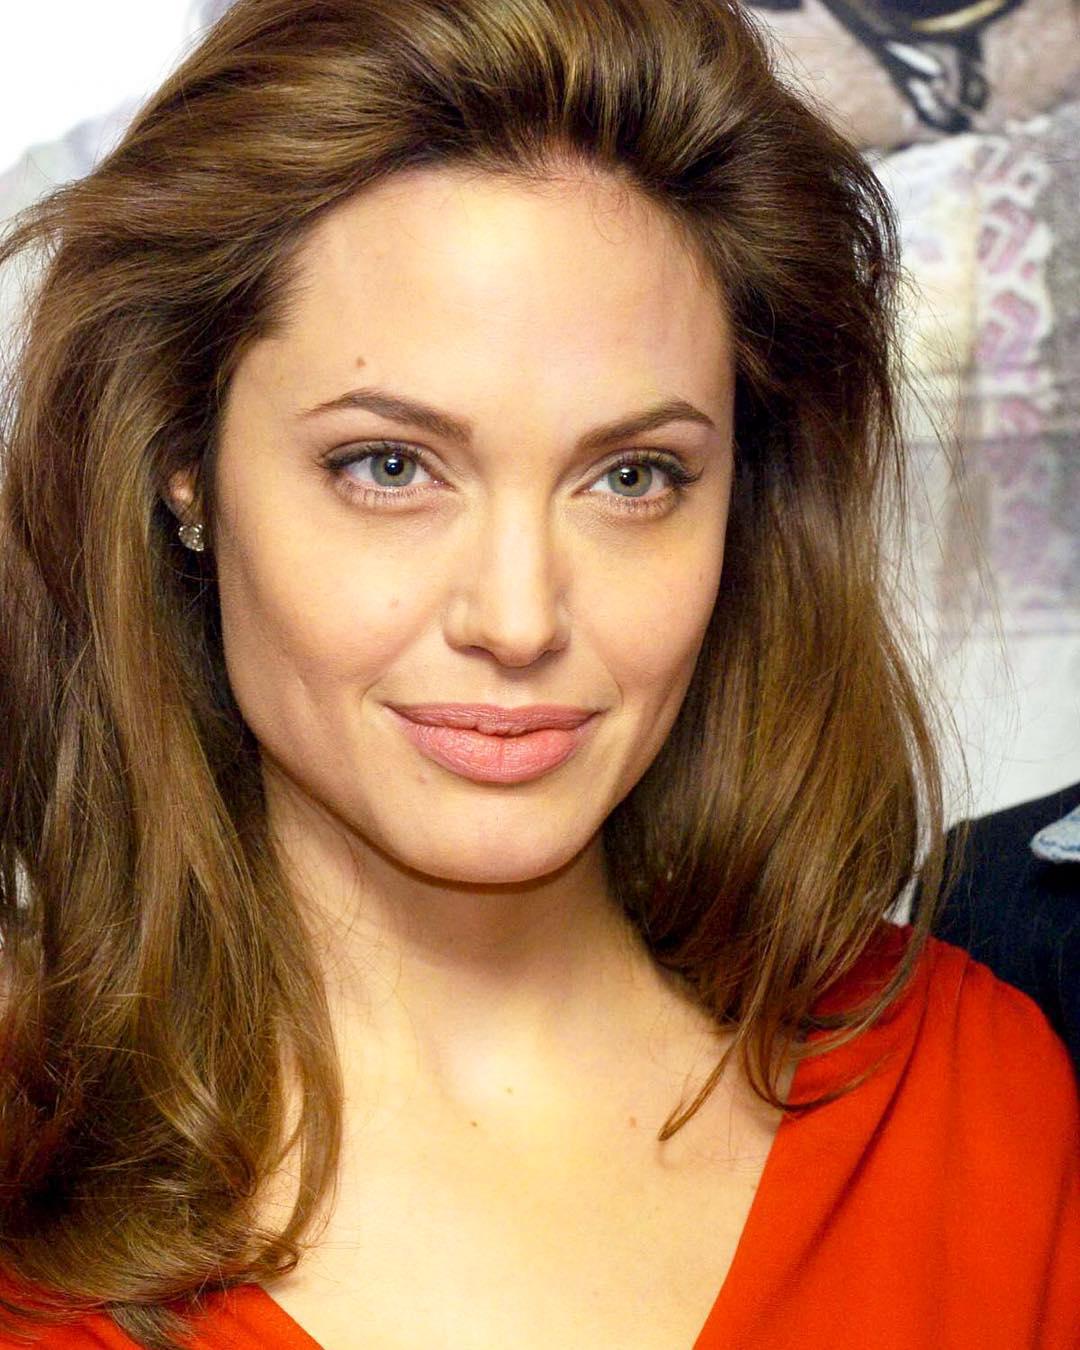 У Анджелины Джоли проявились признаки паралича лица - названы причины